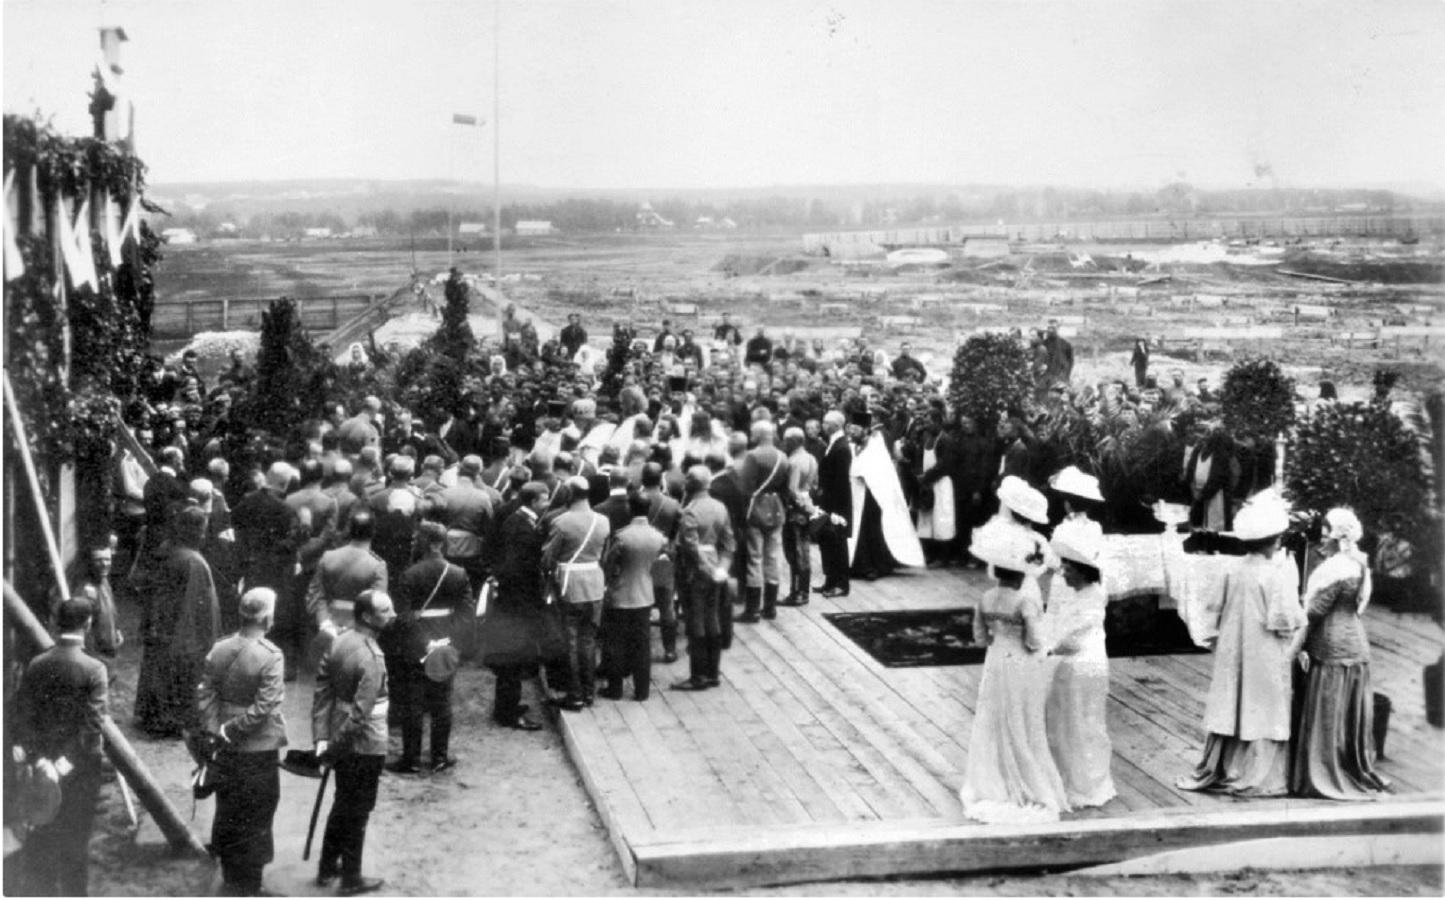 Закладка трубочного завода в Самаре 25 мая 1909